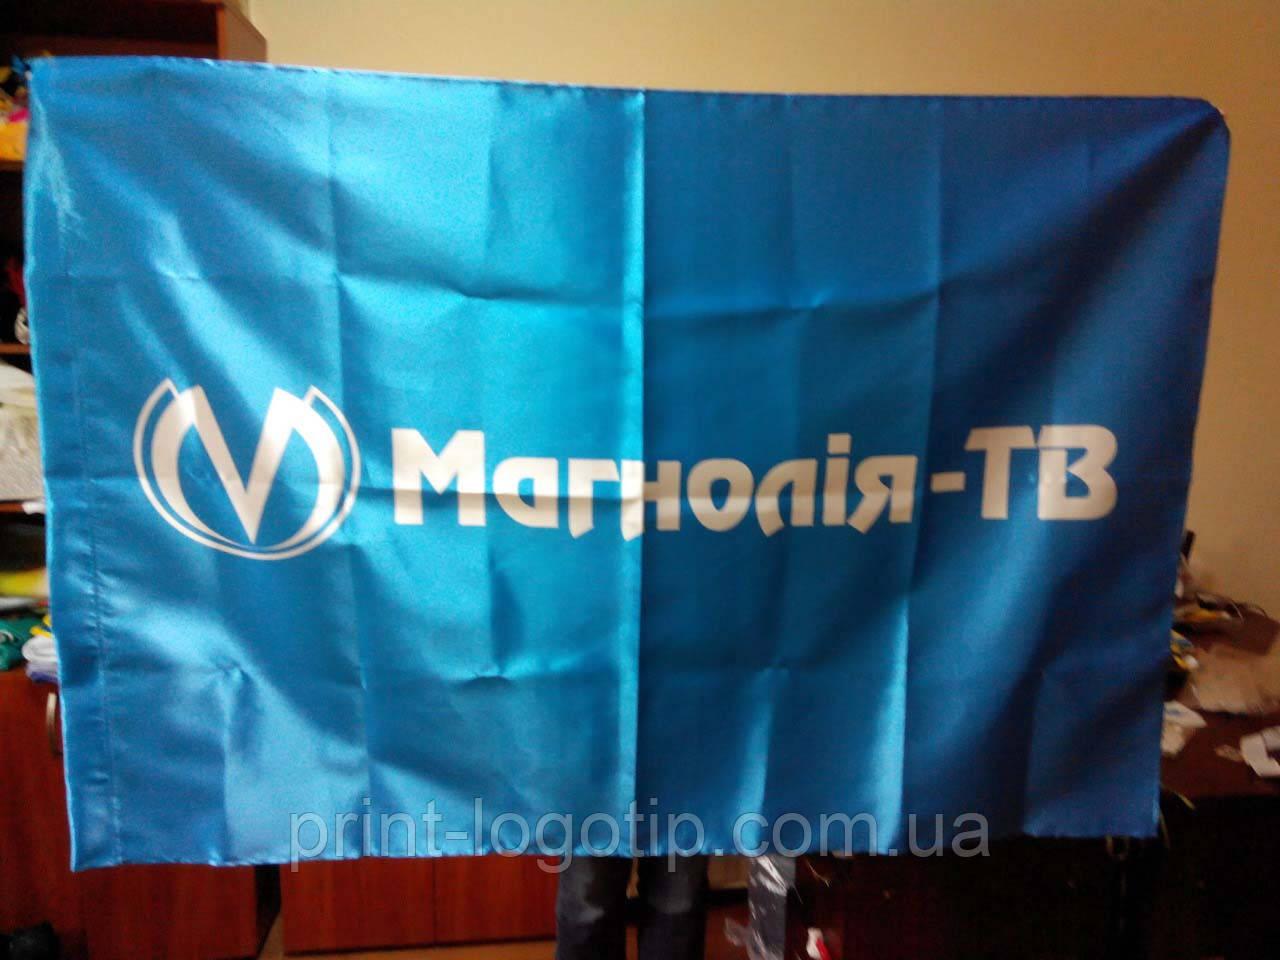 Печать флагов, флаги с логотипом, флаг с надписью